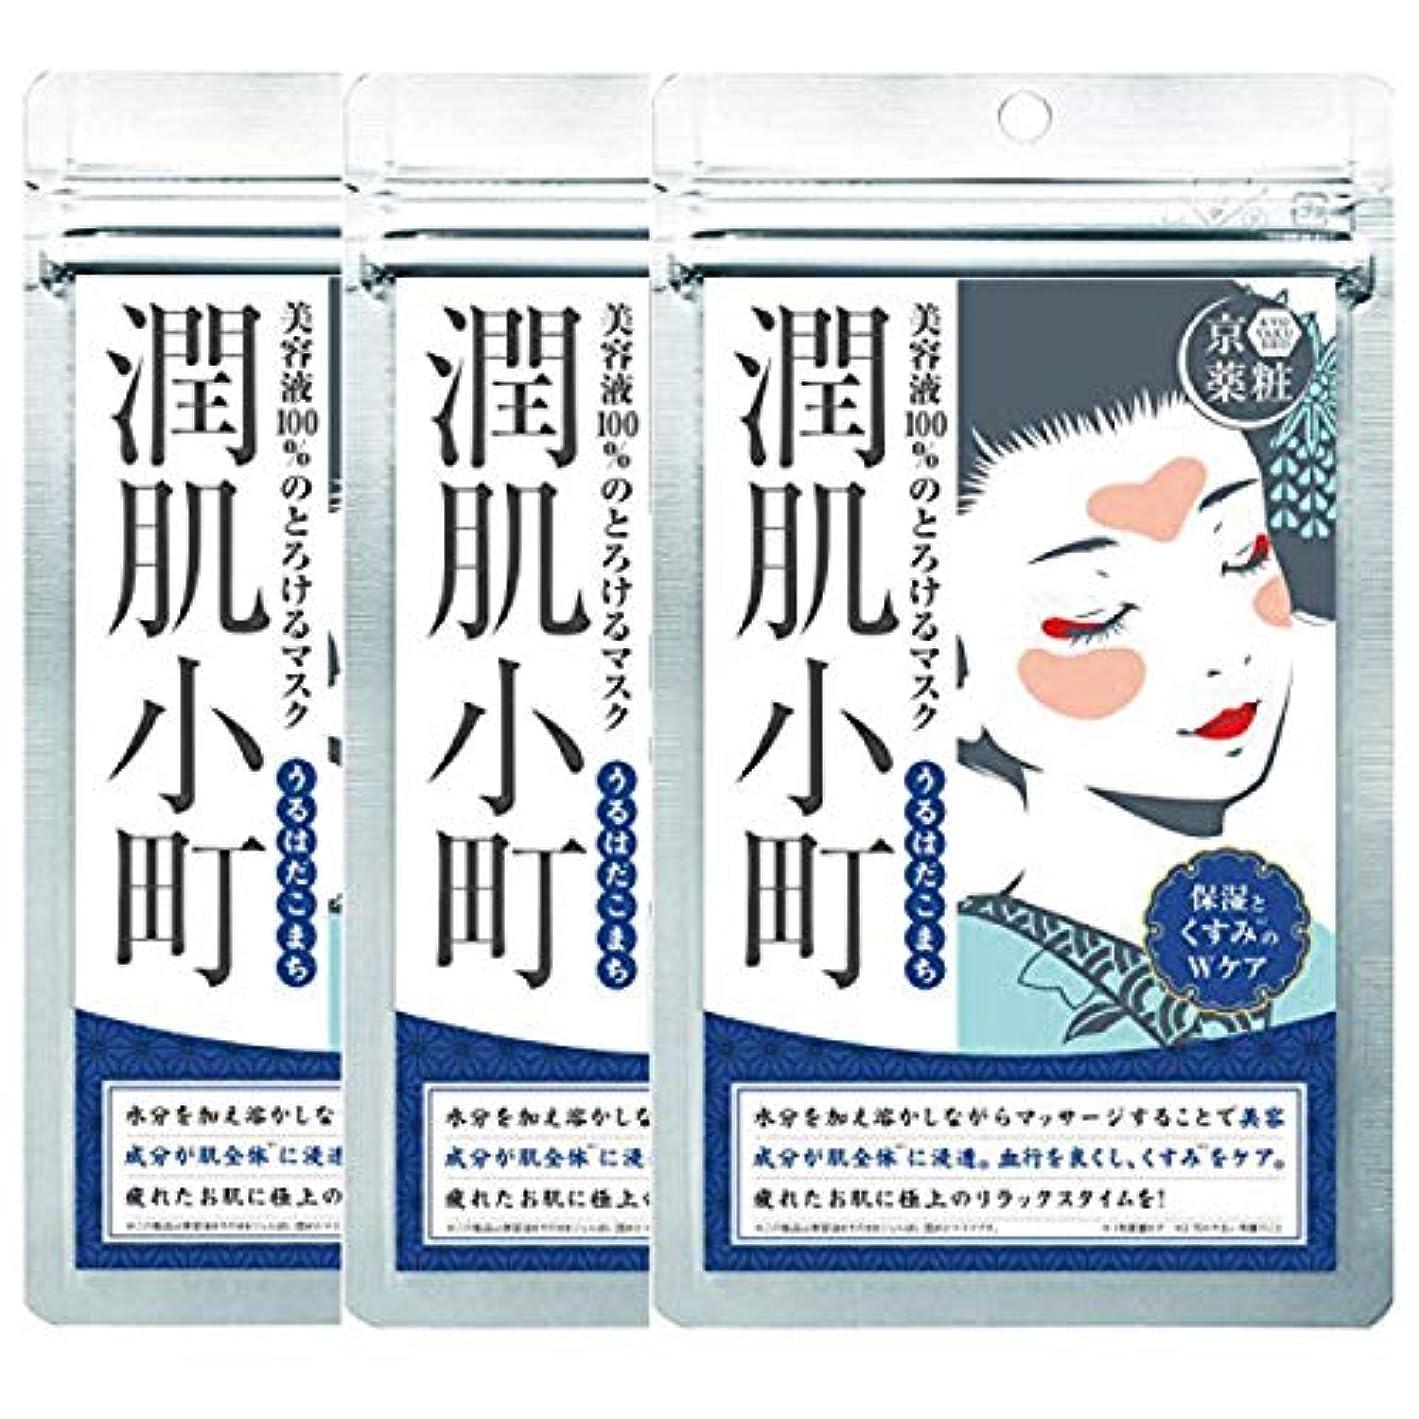 お世話になった考古学的な恵み京薬粧 潤肌小町 潤いマスク ×3セット